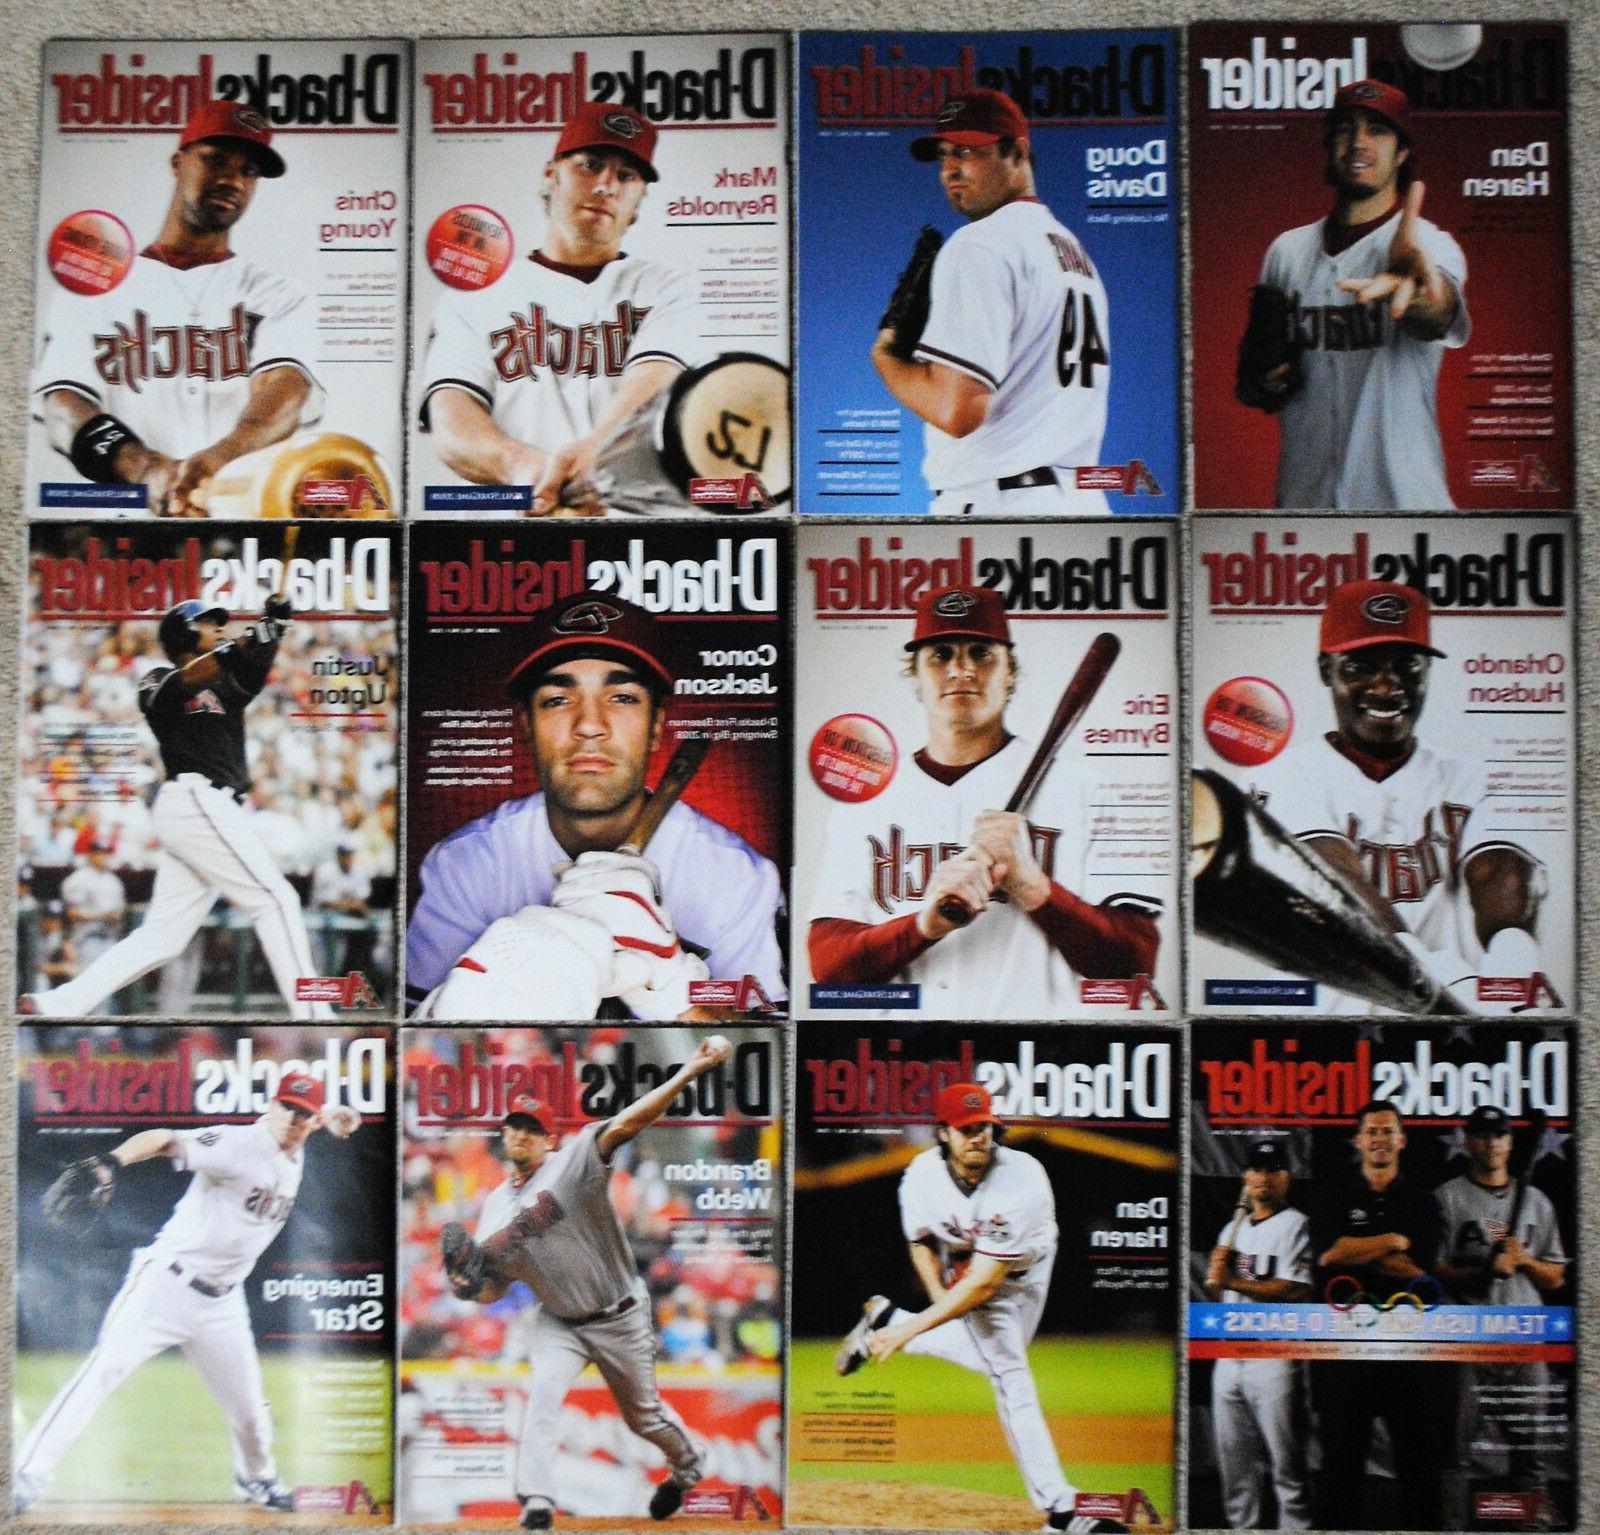 2008 arizona diamondbacks insider magazine dbacks mlb